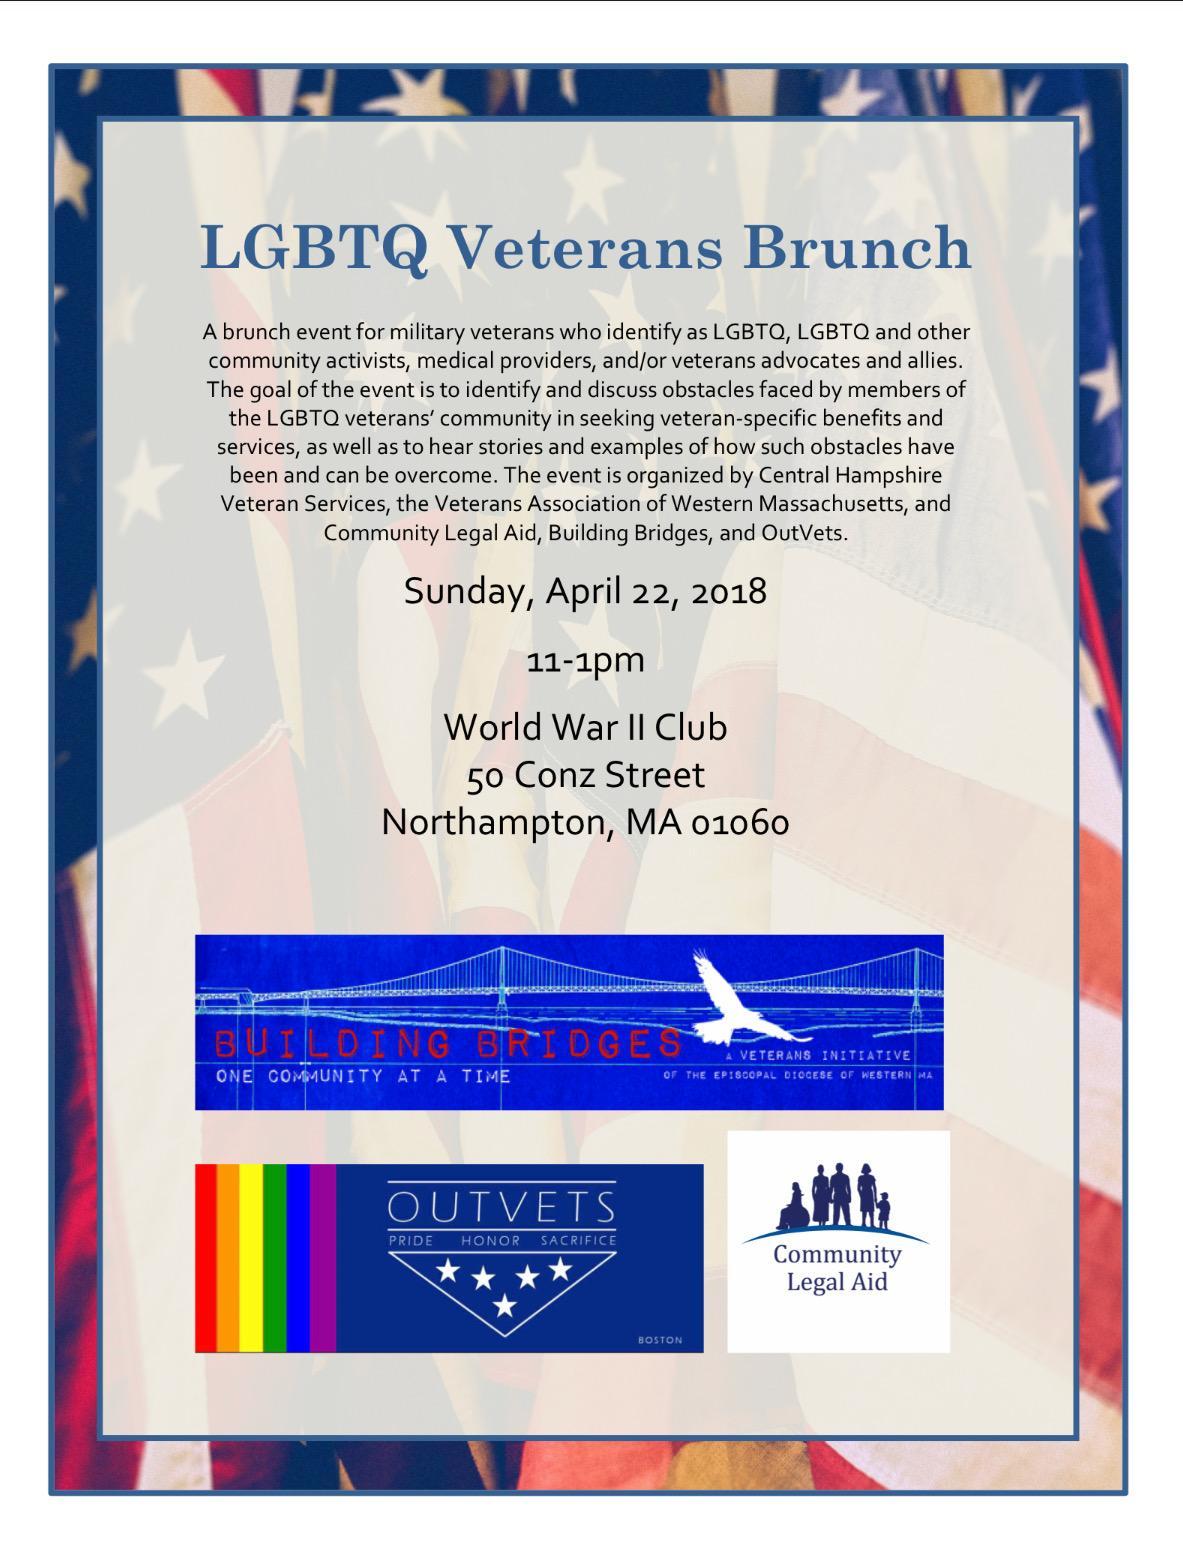 LGBTQ Veterans Brunch